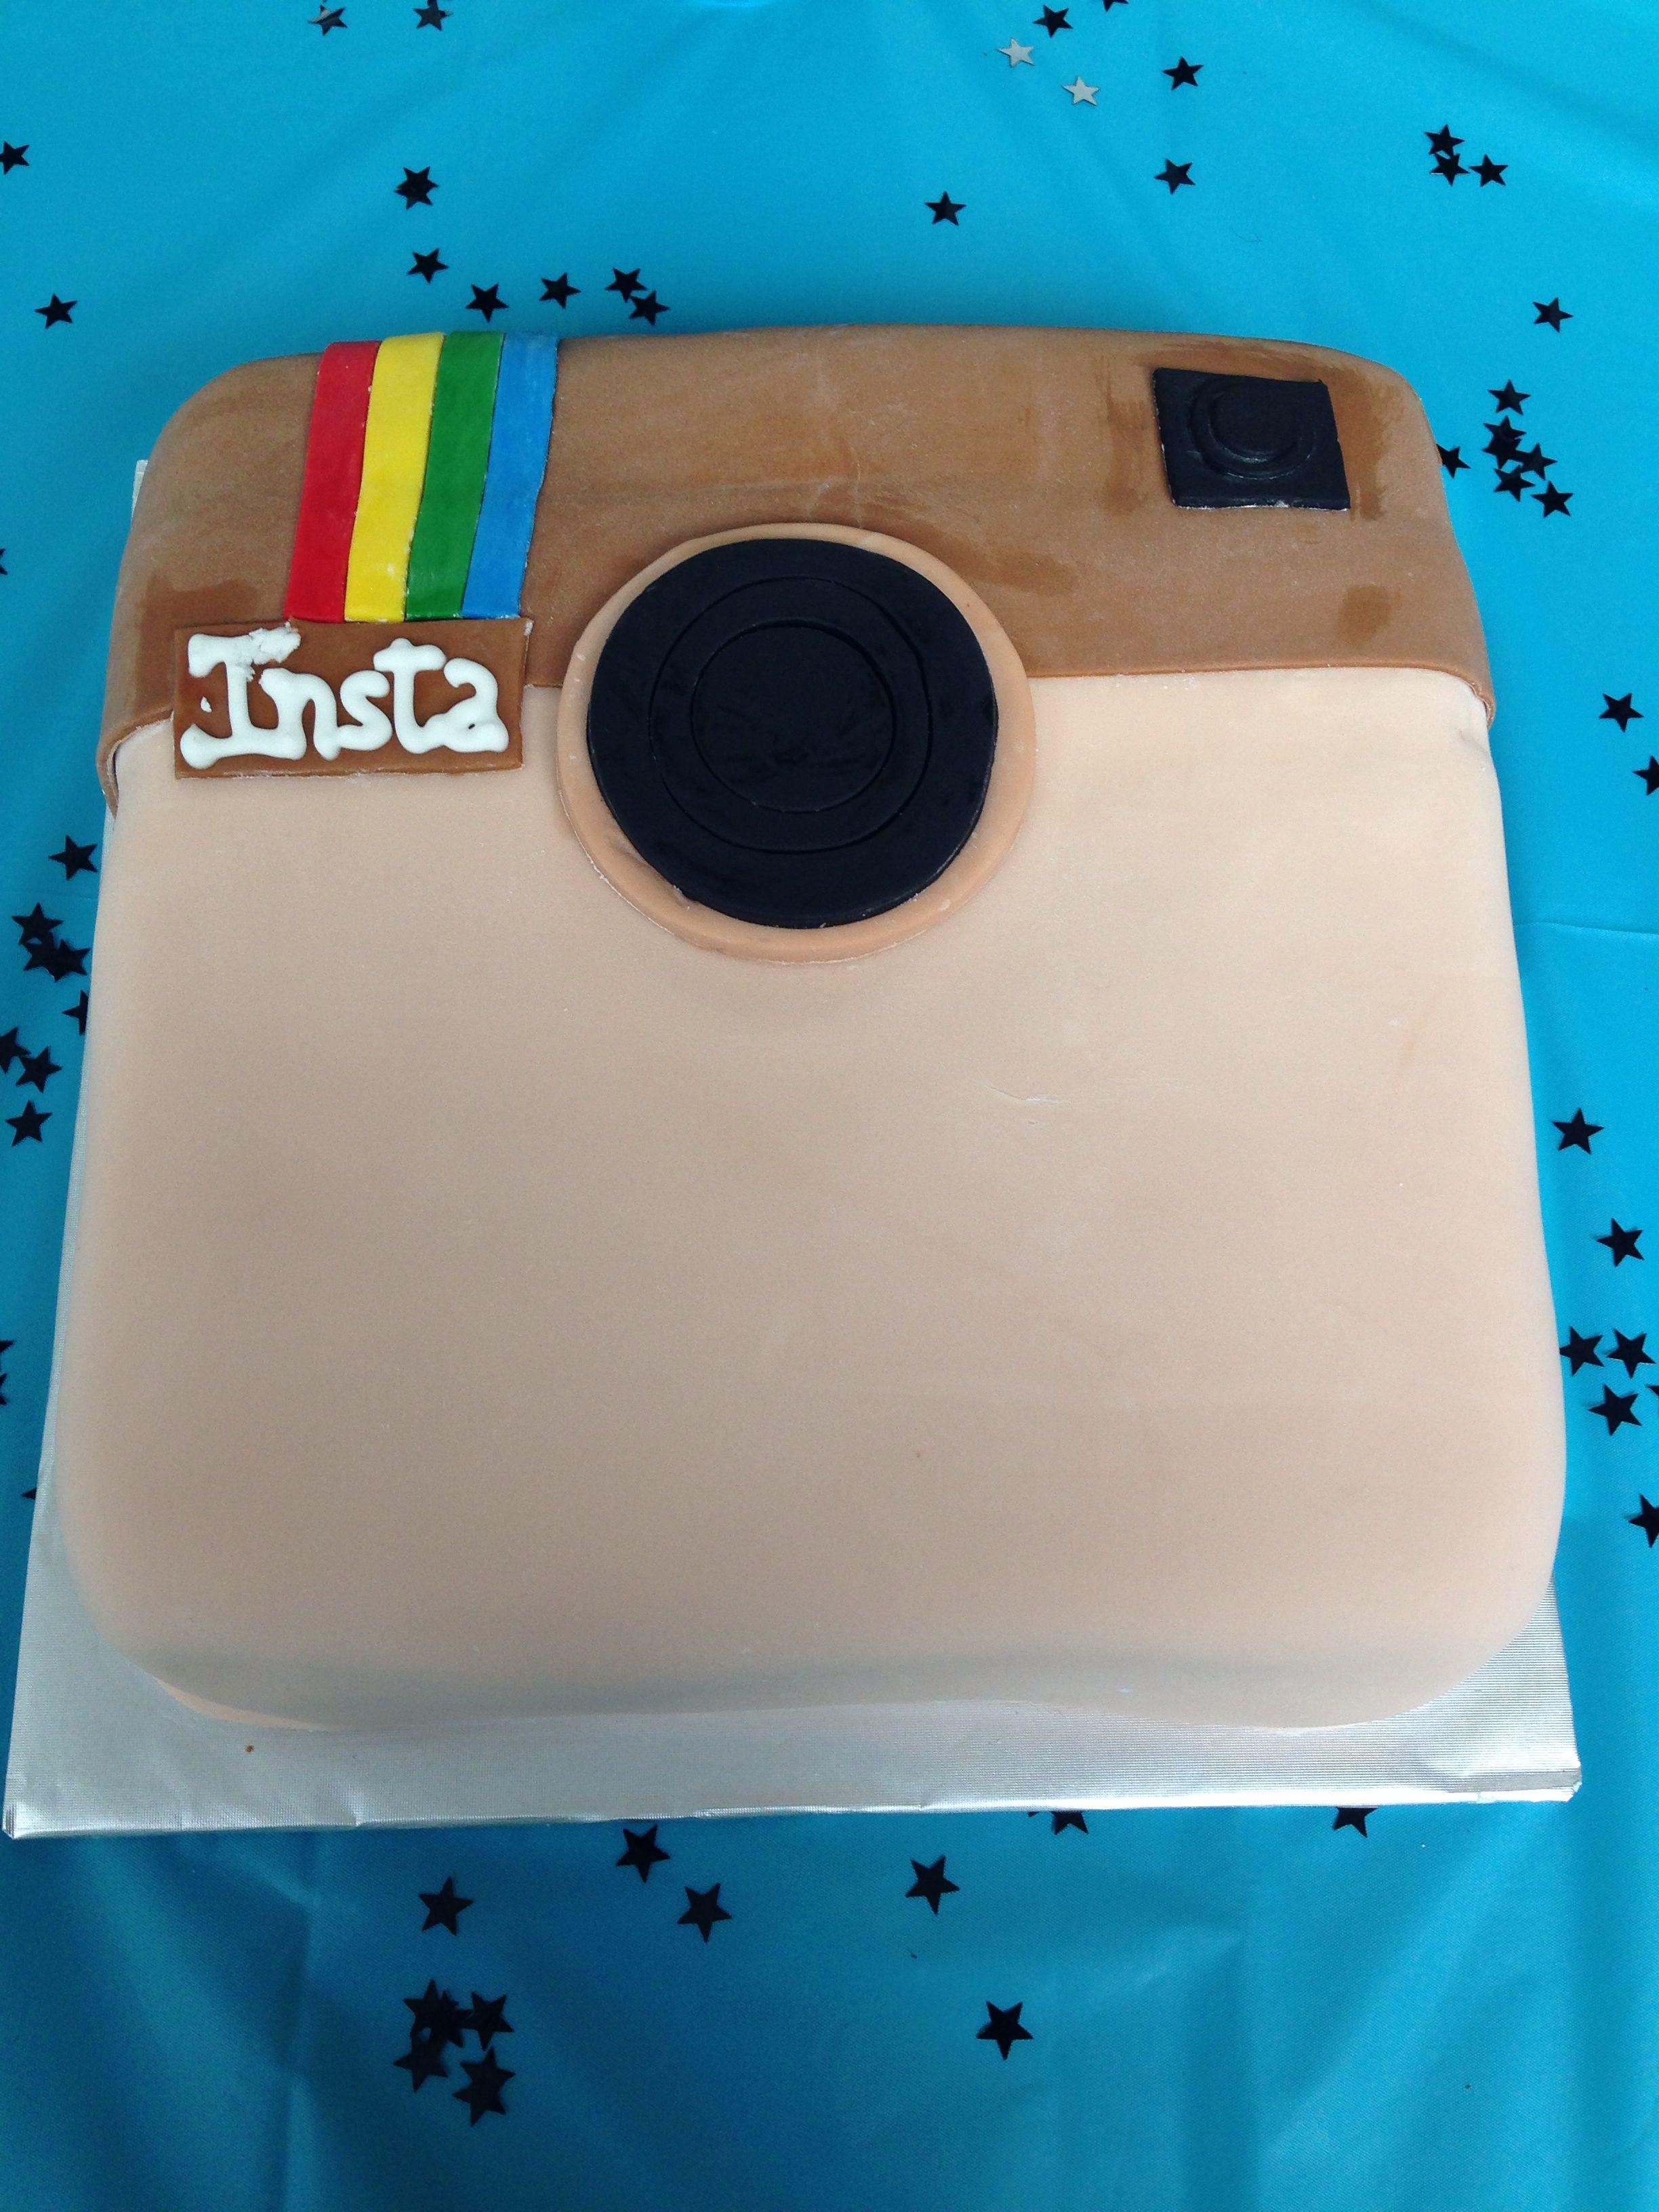 Instagram Birthday Cake #teen #birthday #instagram